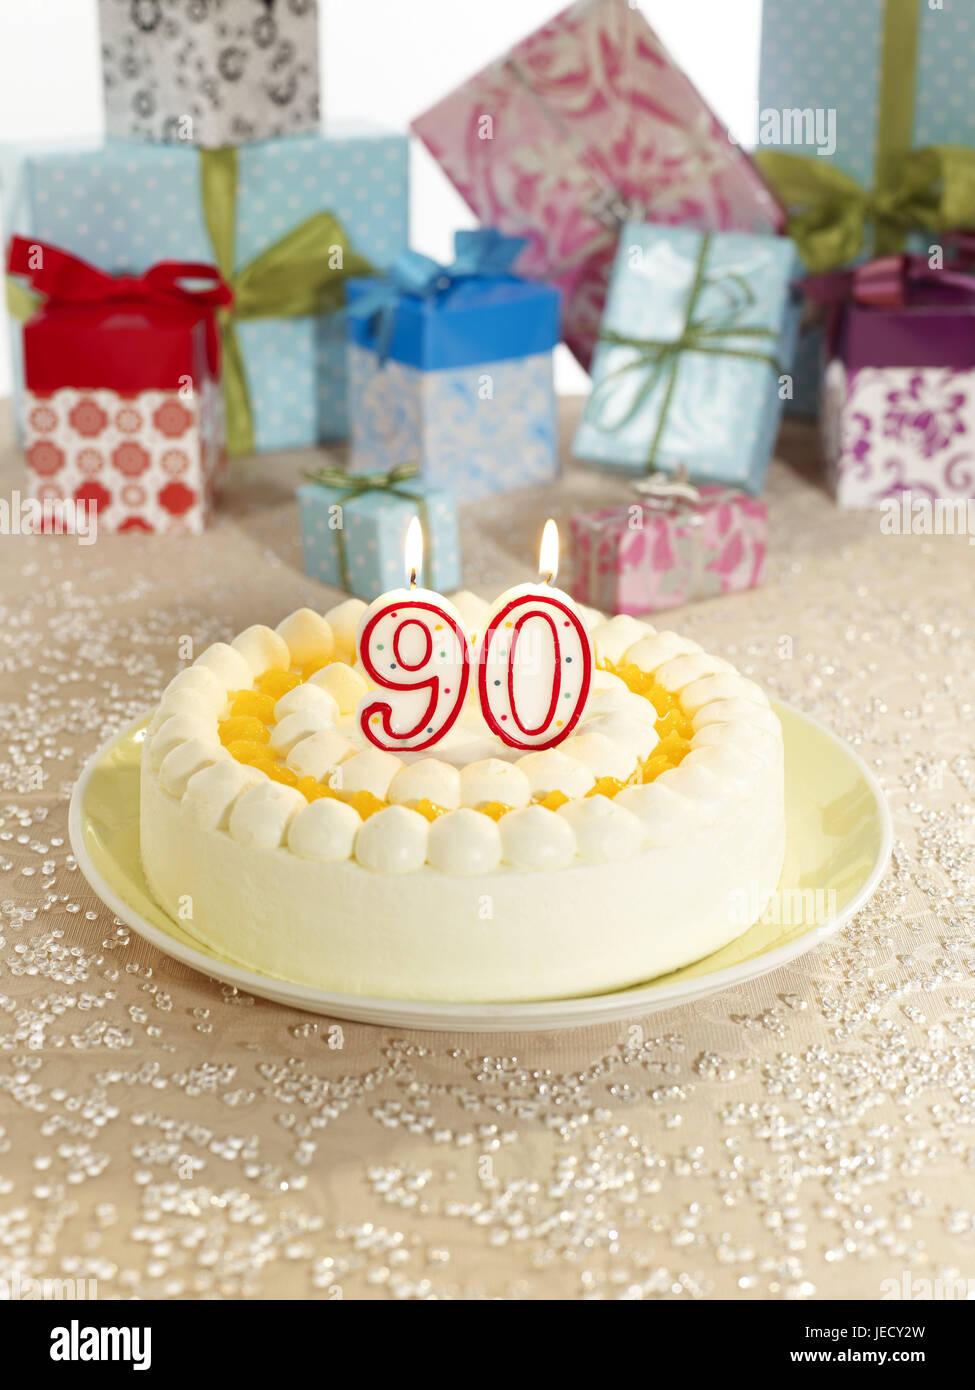 Geburtstagskuchen Skyers 90 Geschenke Geburtstag Kuchen Torten